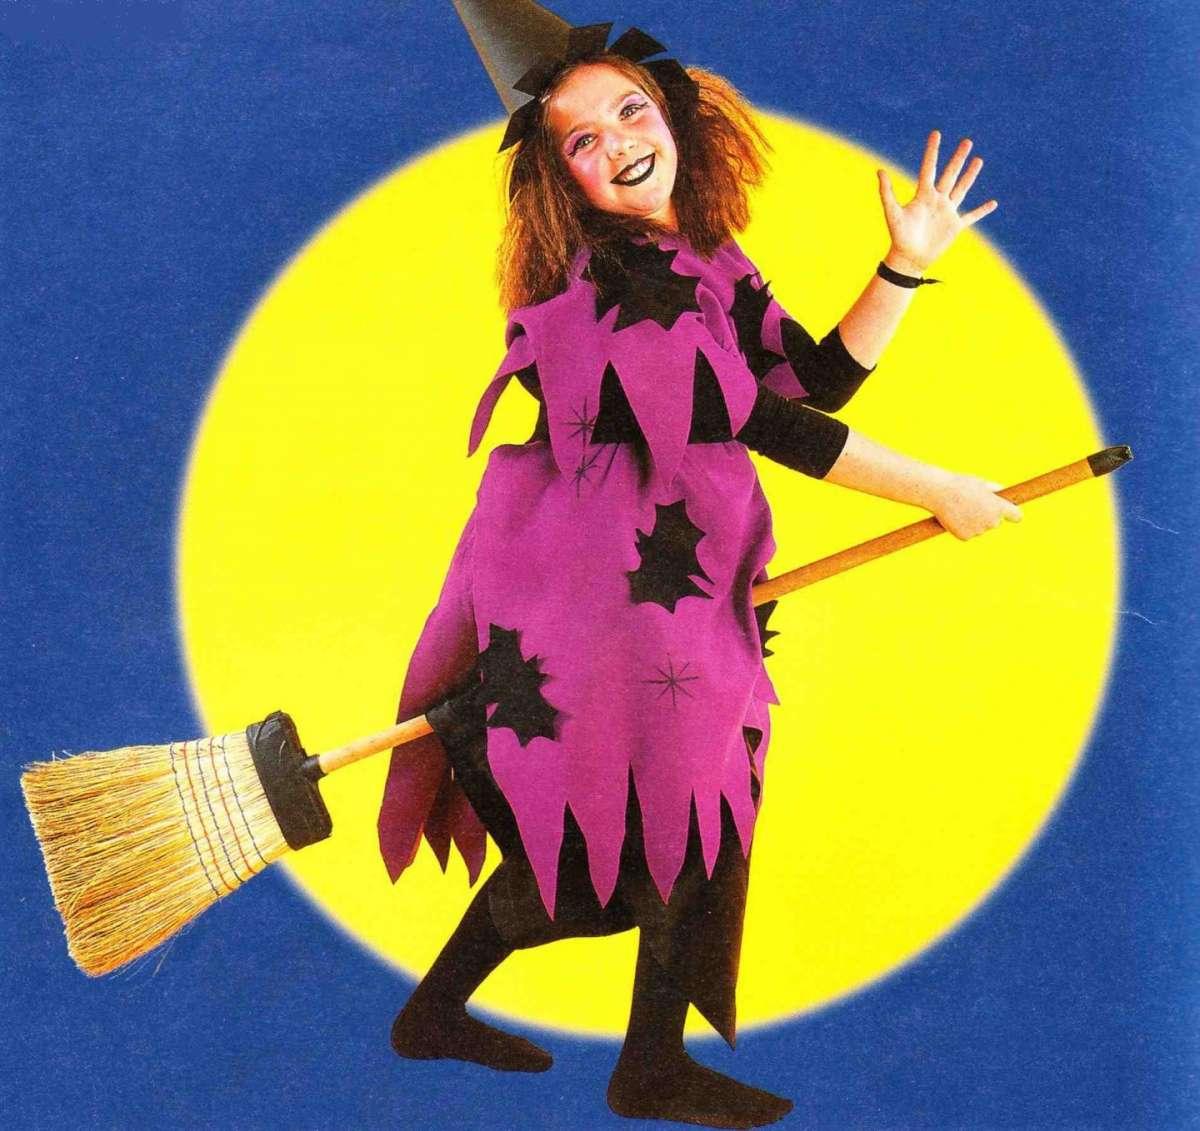 Costumi di Halloween fai da te per bambini: la strega [FOTO]